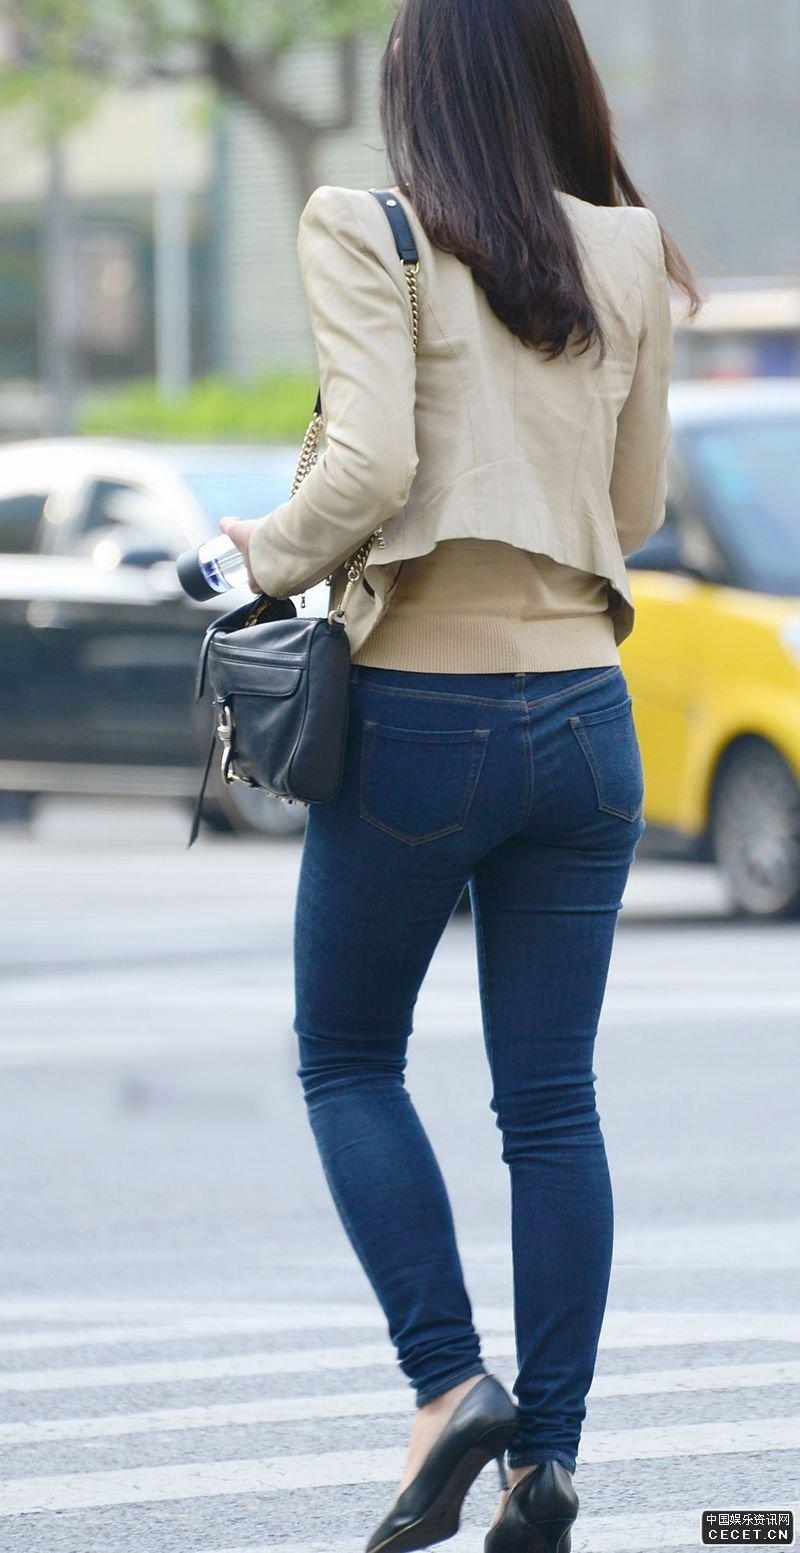 紧身牛仔短裤_街拍的紧身蓝色牛仔裤美女 - 中国娱乐资讯网CECET.CN